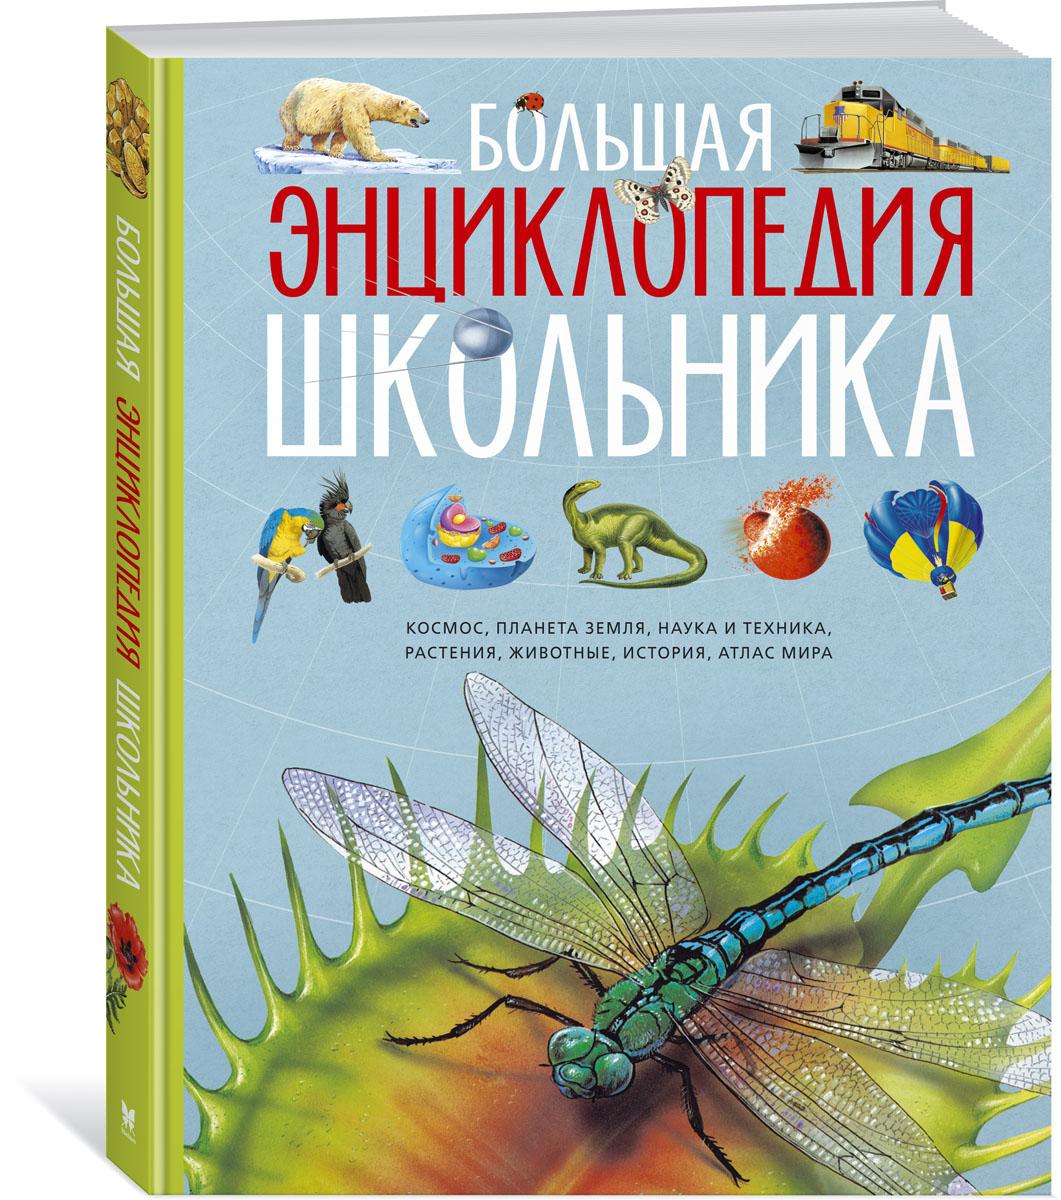 Научно популярные книги для детей картинки